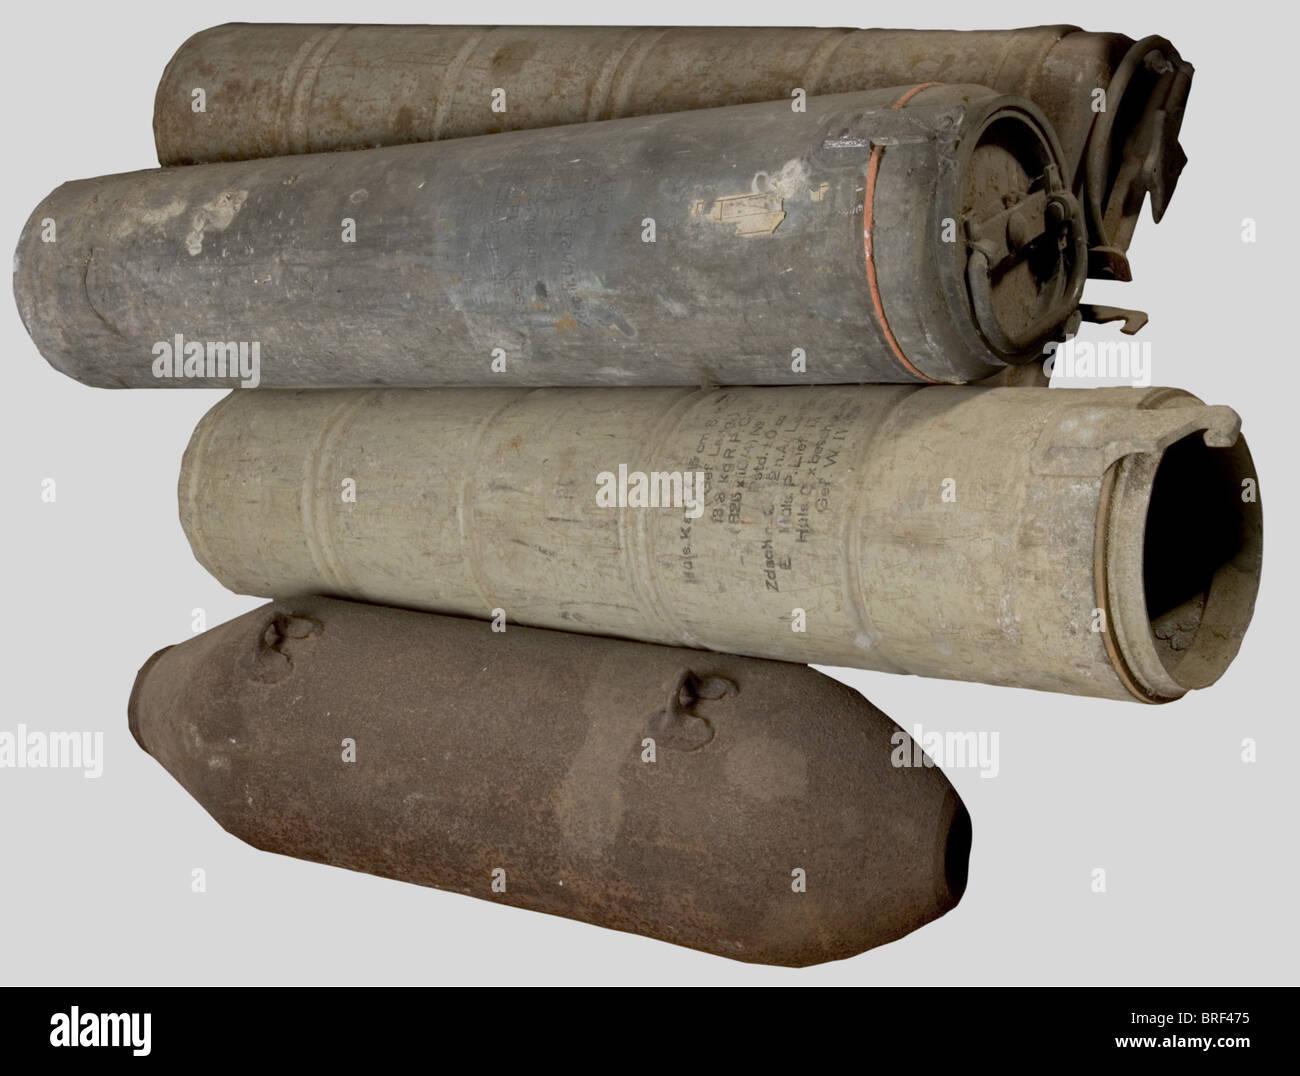 Caisses de Munitions, Huit conteneurs cylindriques, métalliques étanches pour le stockage individuel d'obus - Stock Image